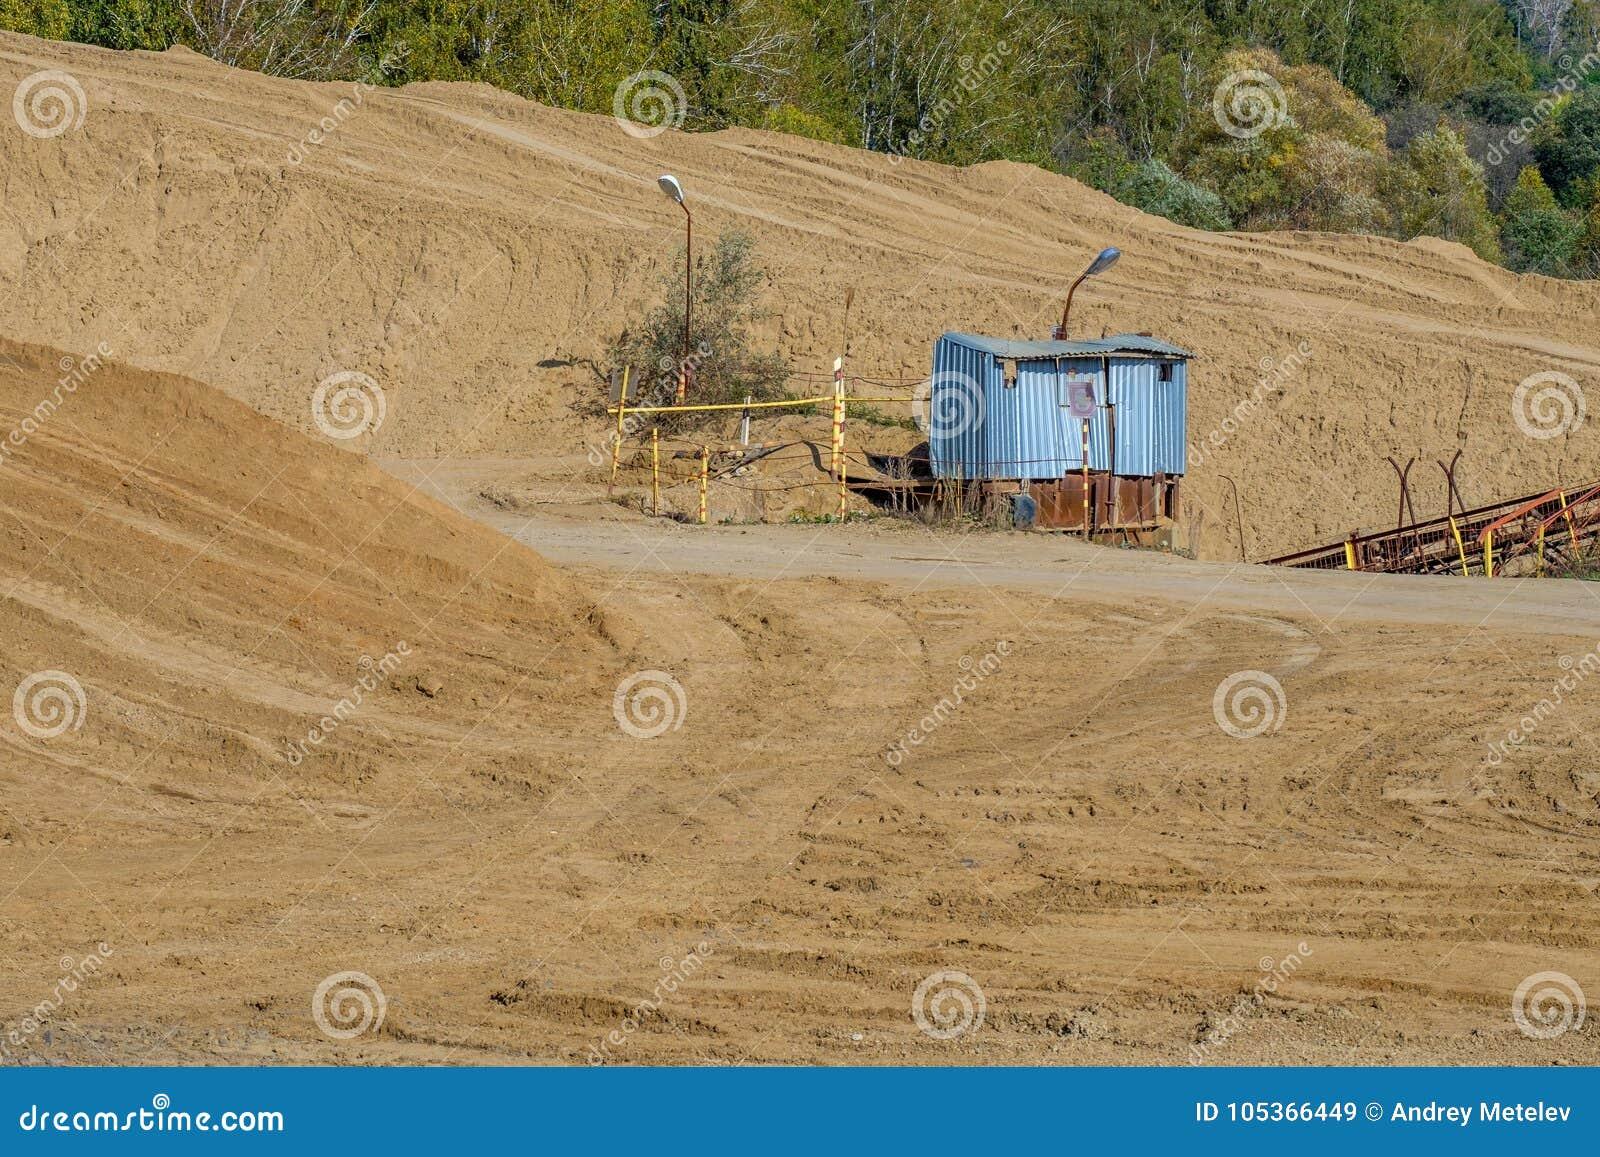 Βιομηχανικό κτήριο των αναχωμάτων του αμμοχάλικου, ένα λατομείο που παράγει τη συντριμμένη πέτρα